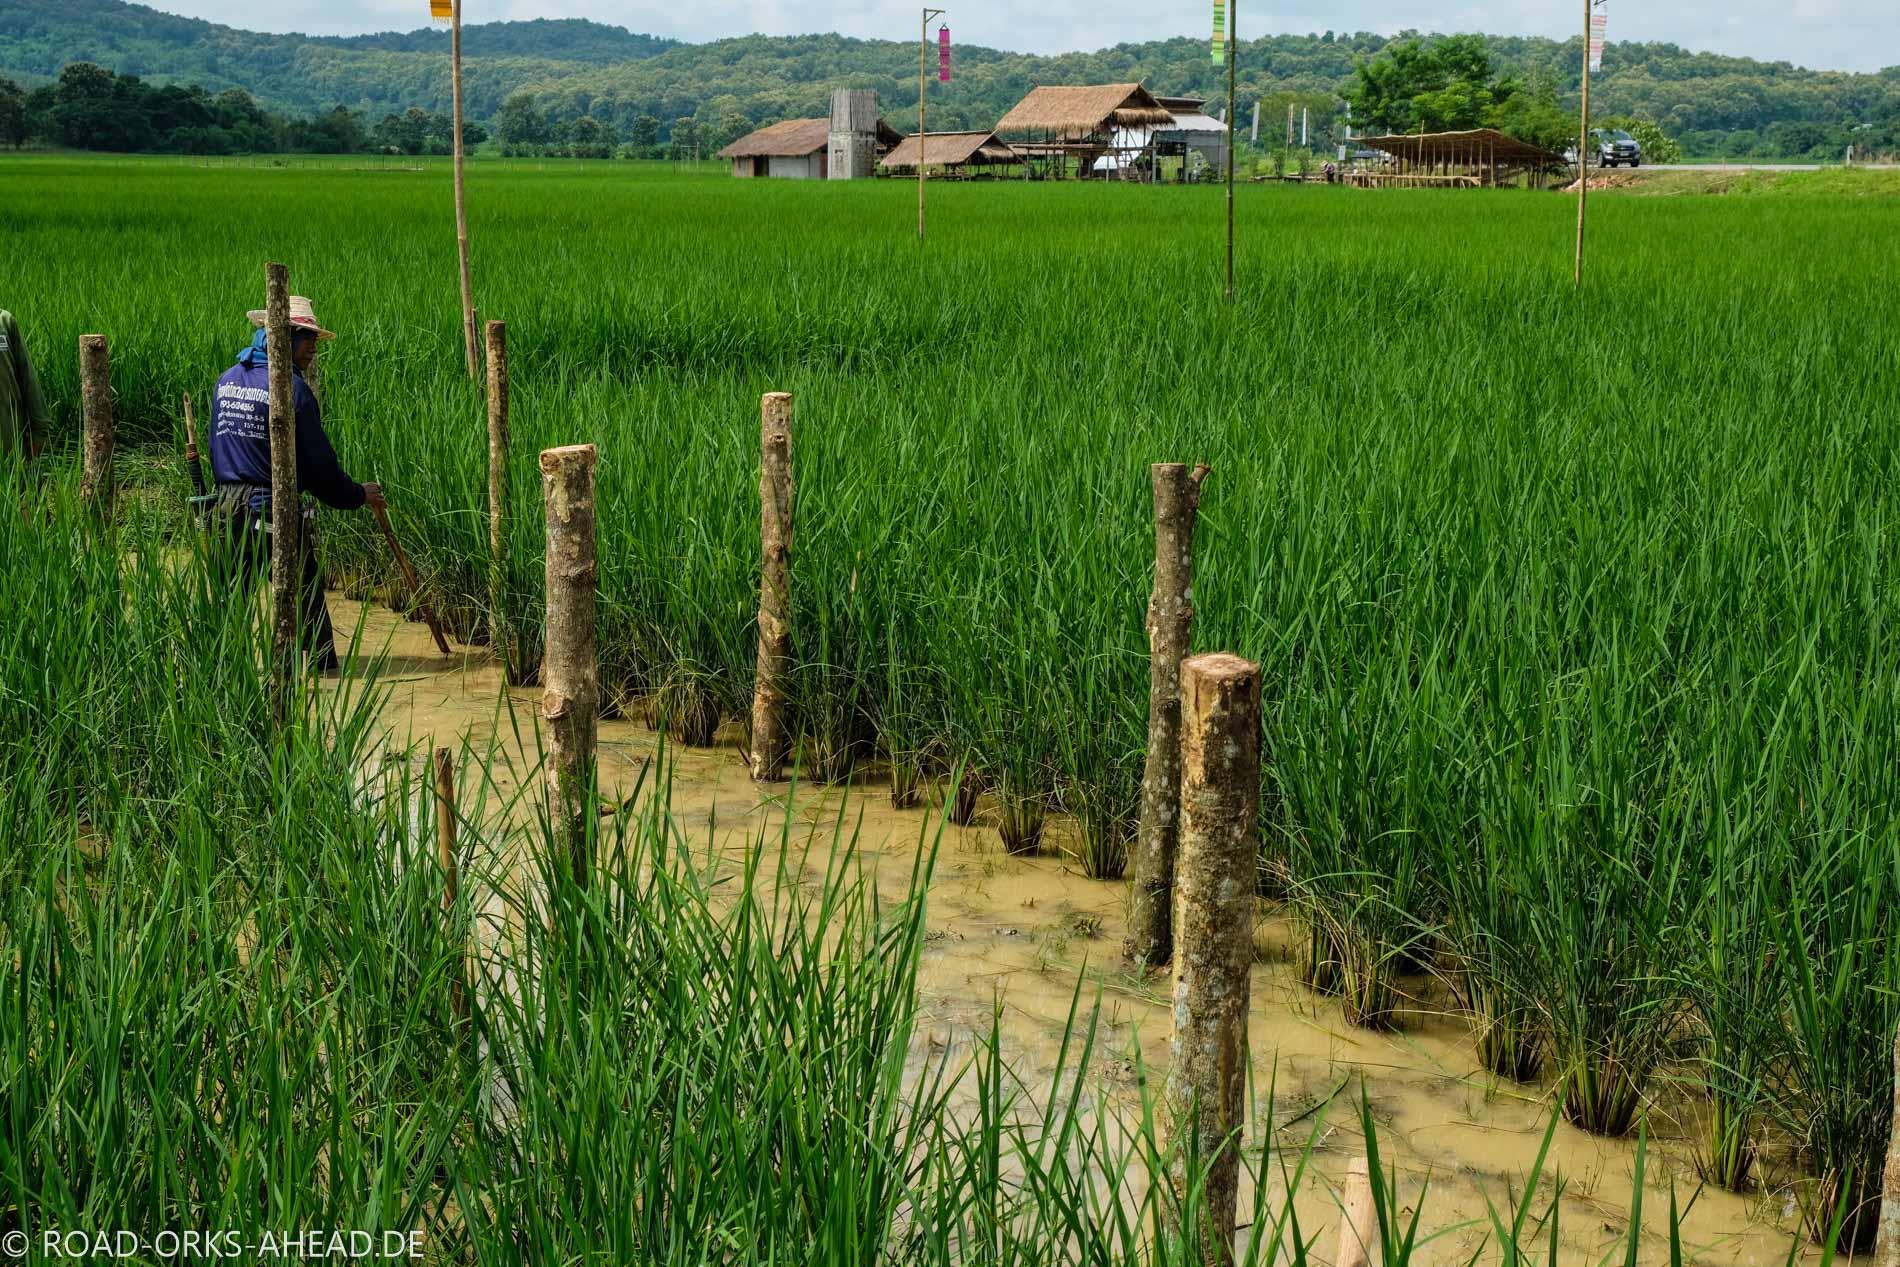 Reisbauern bei der Arbeit